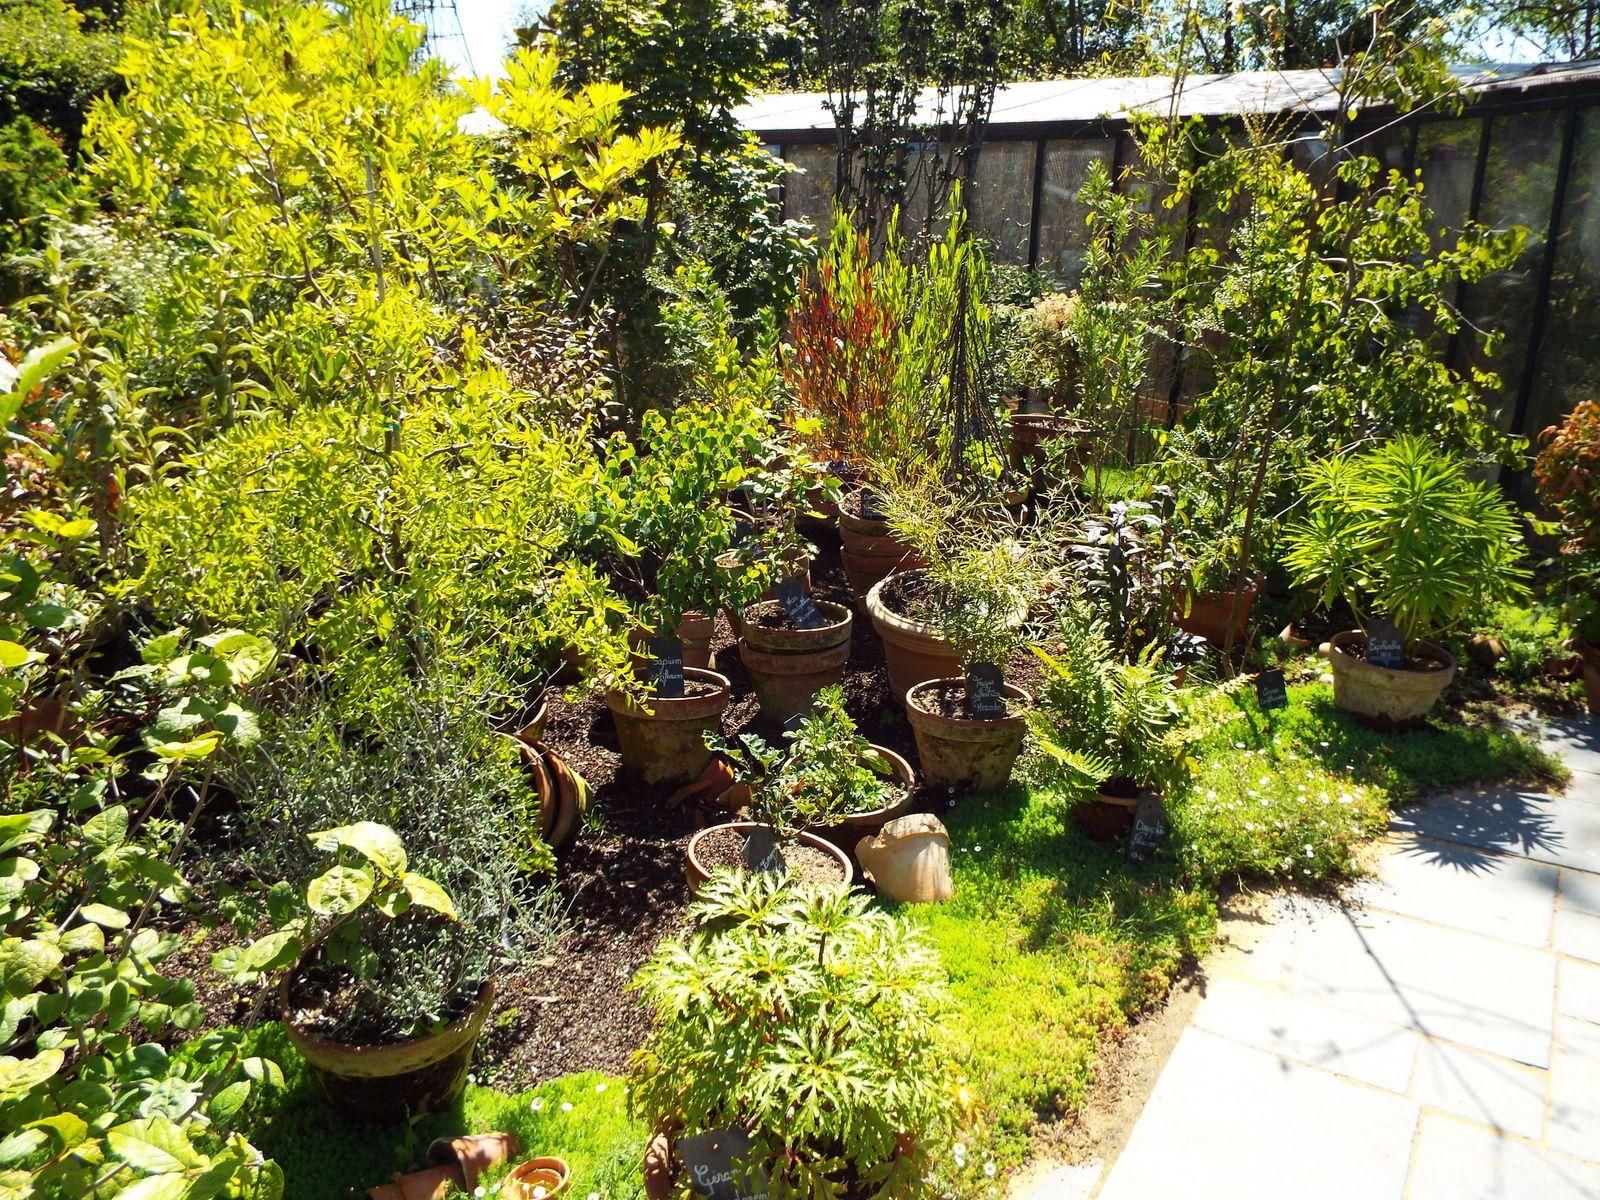 Festival des jardins chaumont sur loire 1 jardin de for Jardin de chaumont 2015 tarif